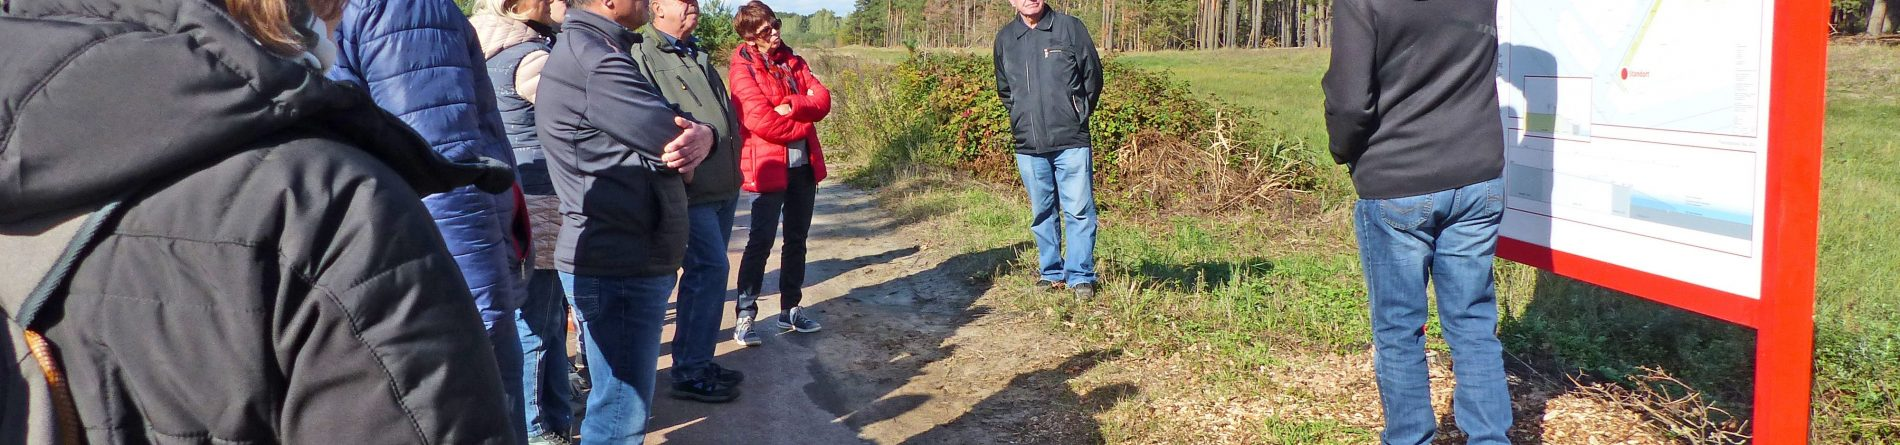 Unser SEEgang in Teichland – ein Bericht